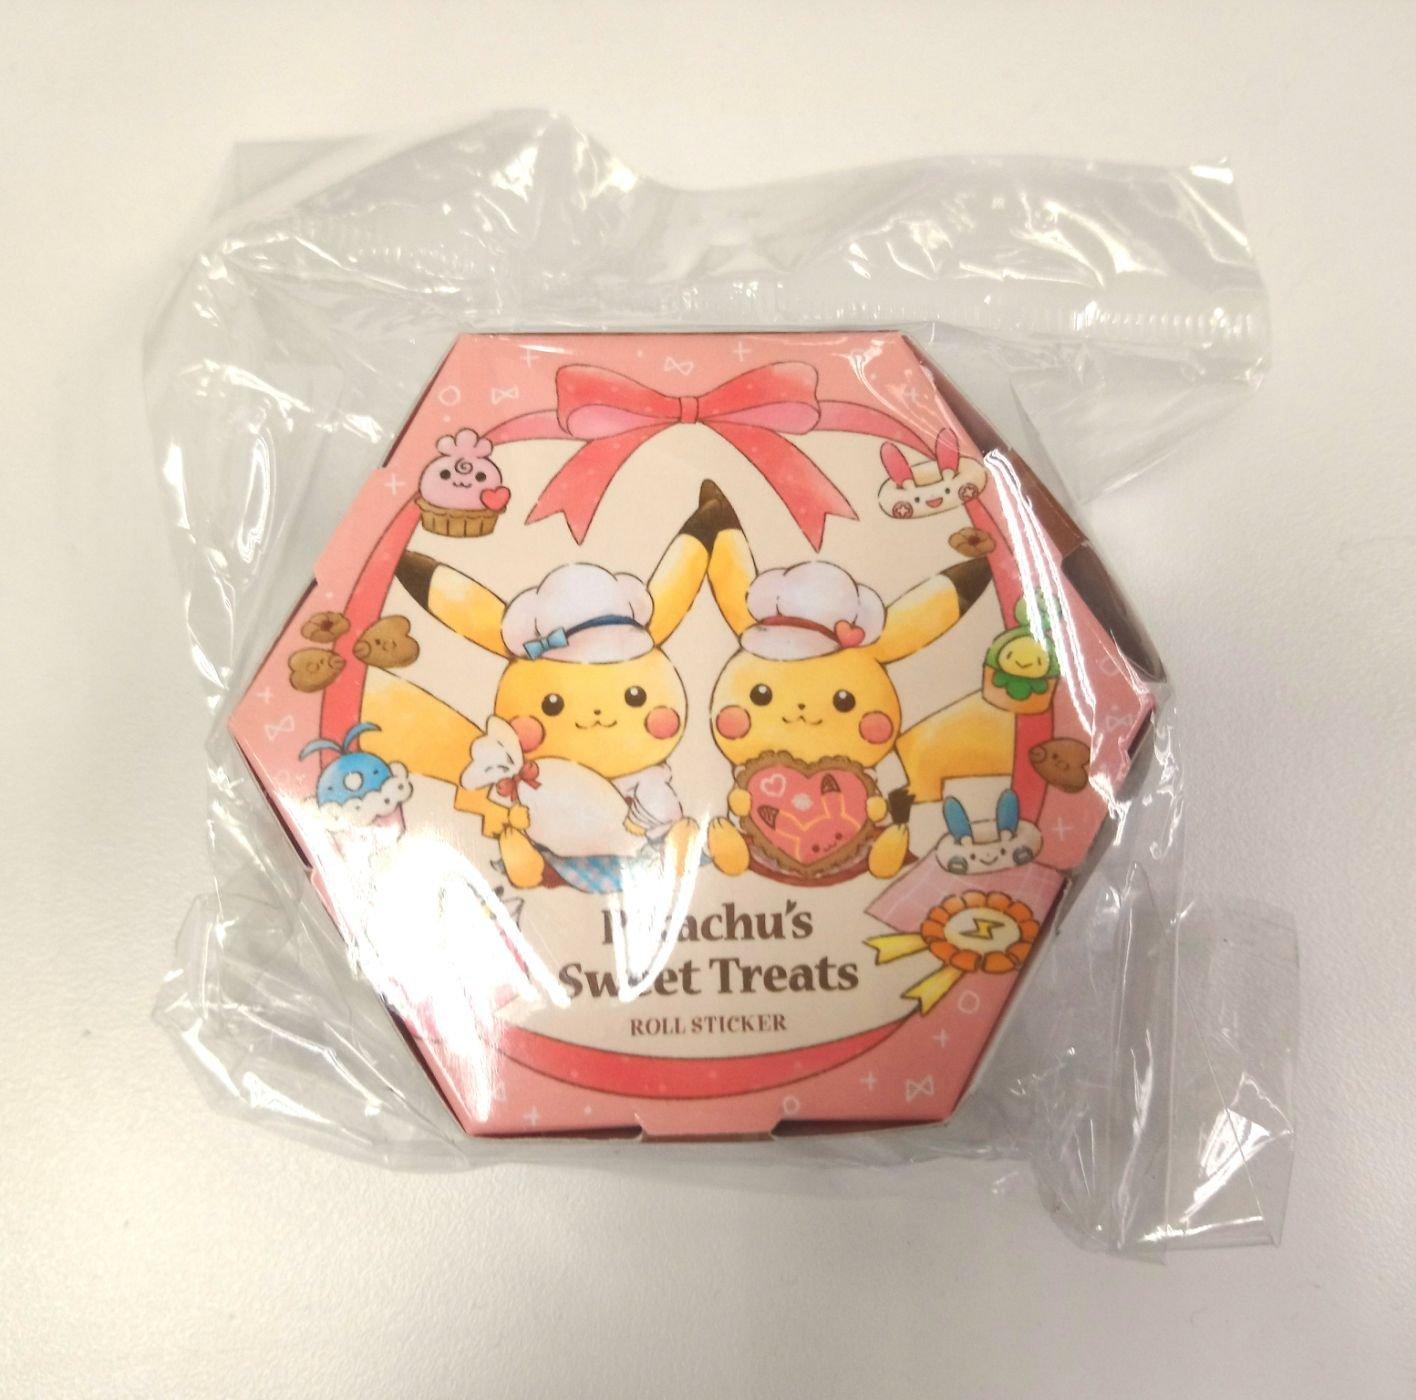 日版神奇寶貝寶可夢捲捲長條貼紙紙盒裝Pokemon貼紙甜點甜甜圈手繪插畫風格